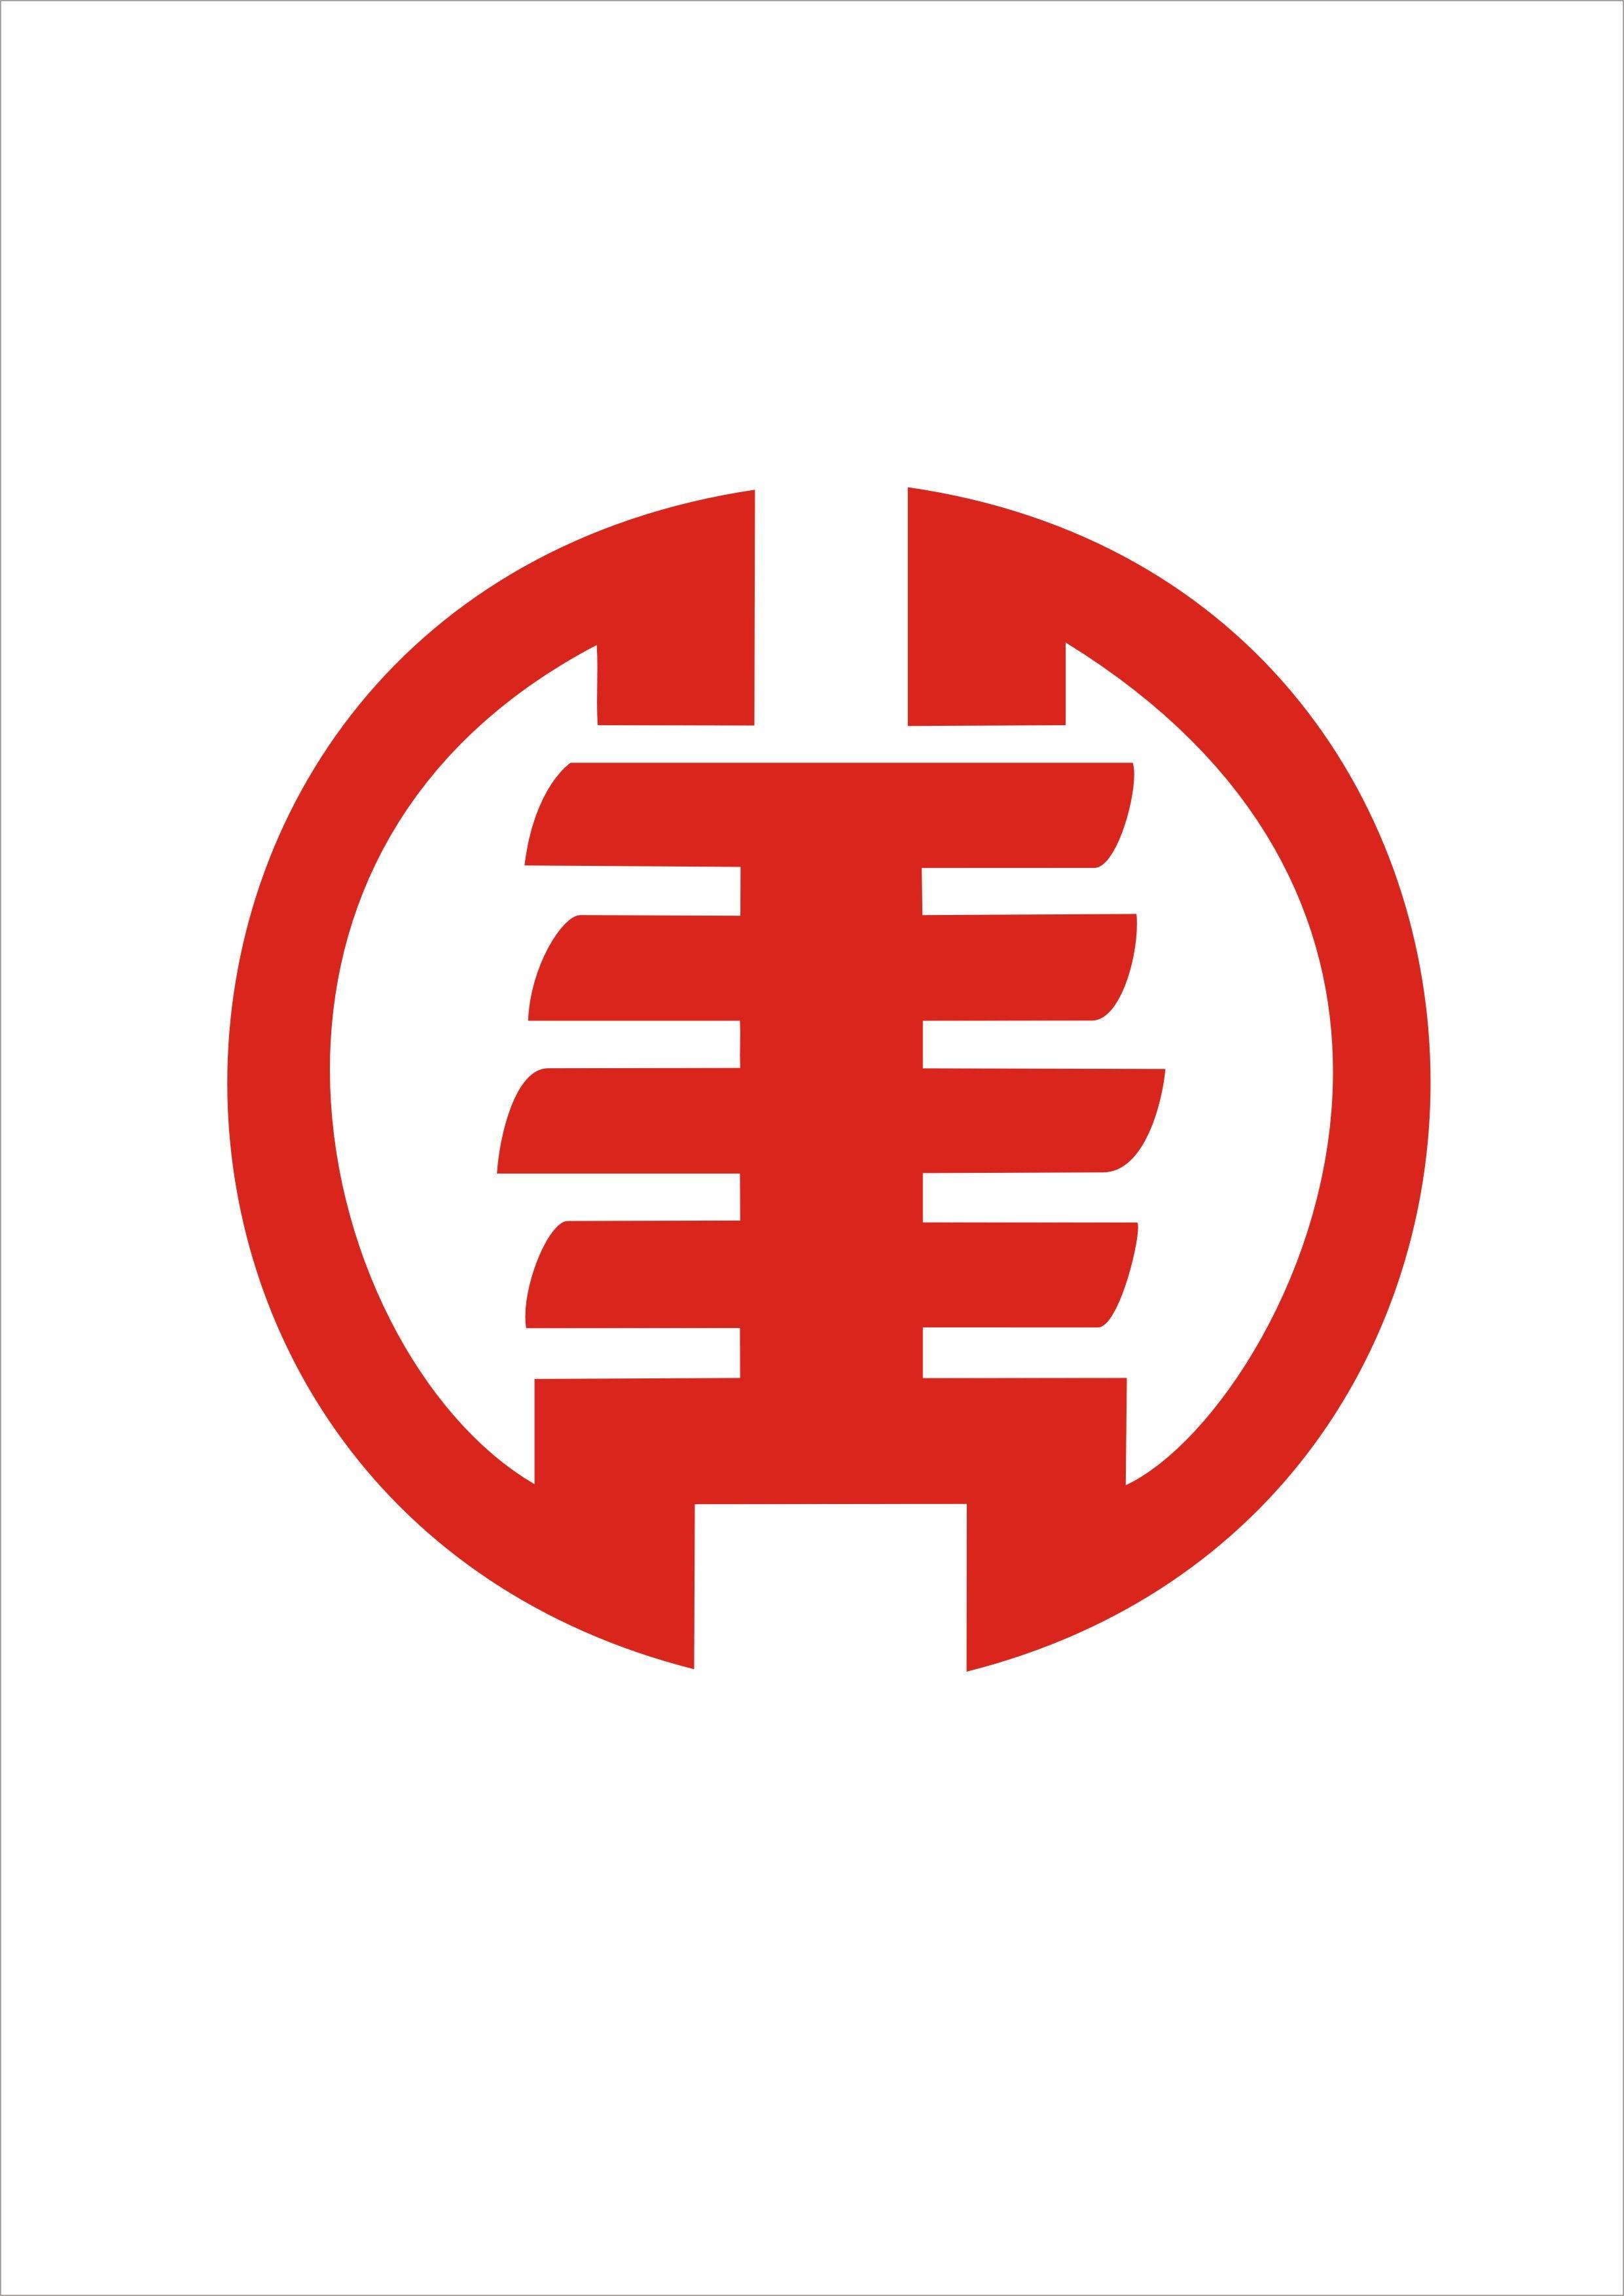 美术学院logo